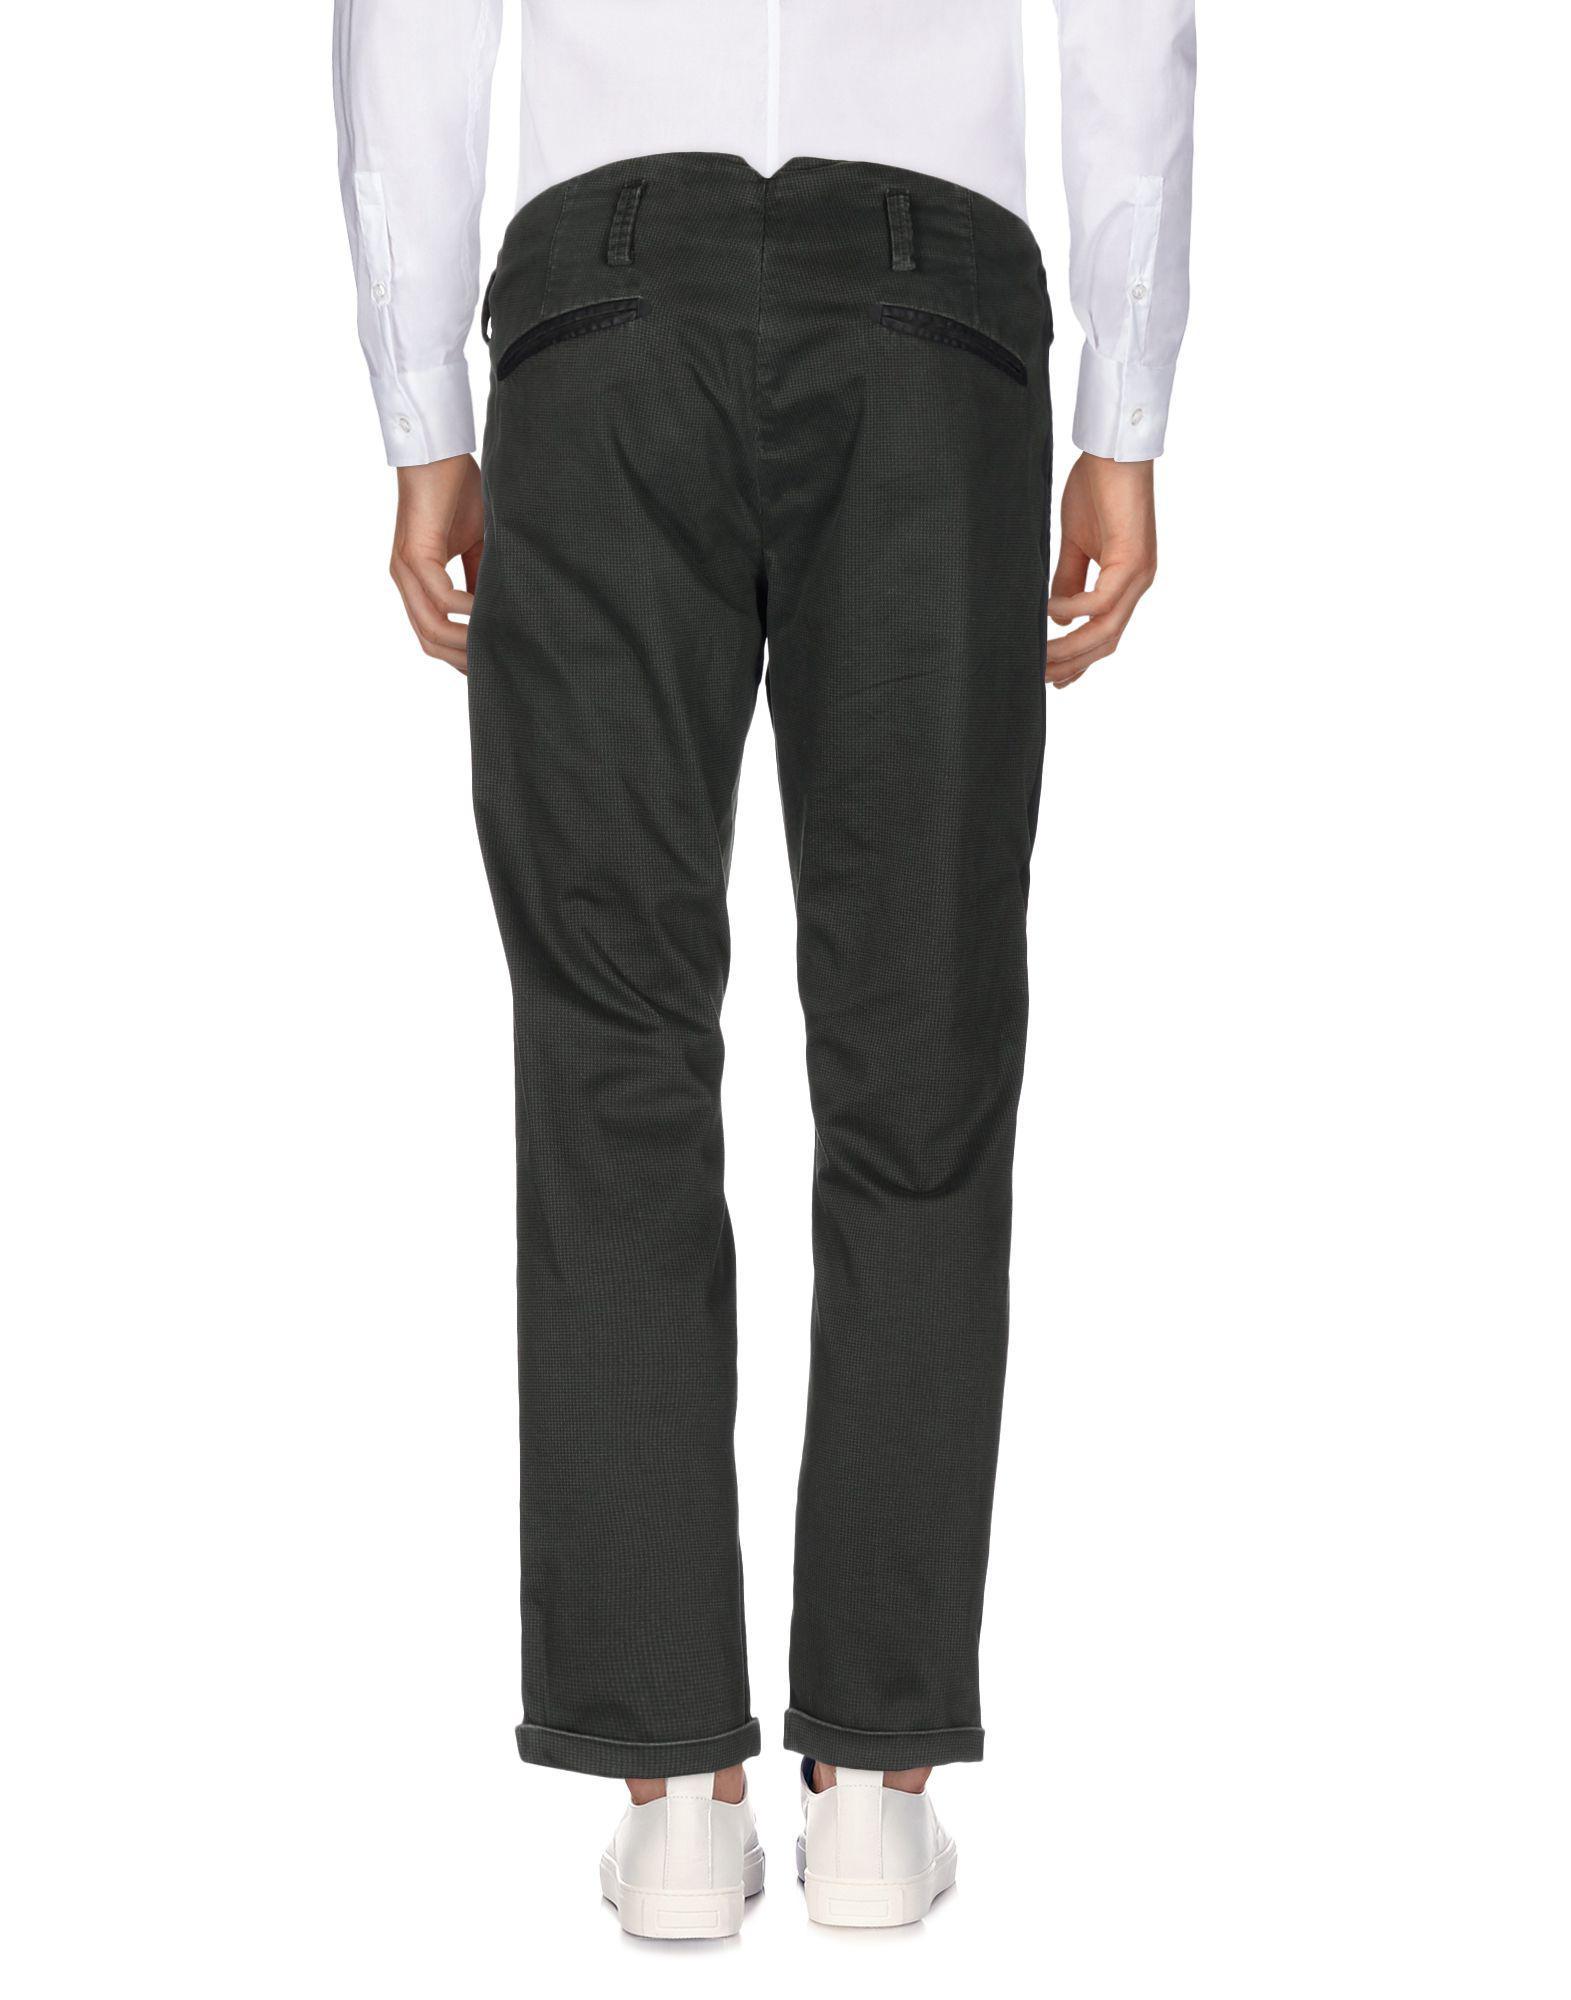 Berna Cotton 3/4-length Short for Men